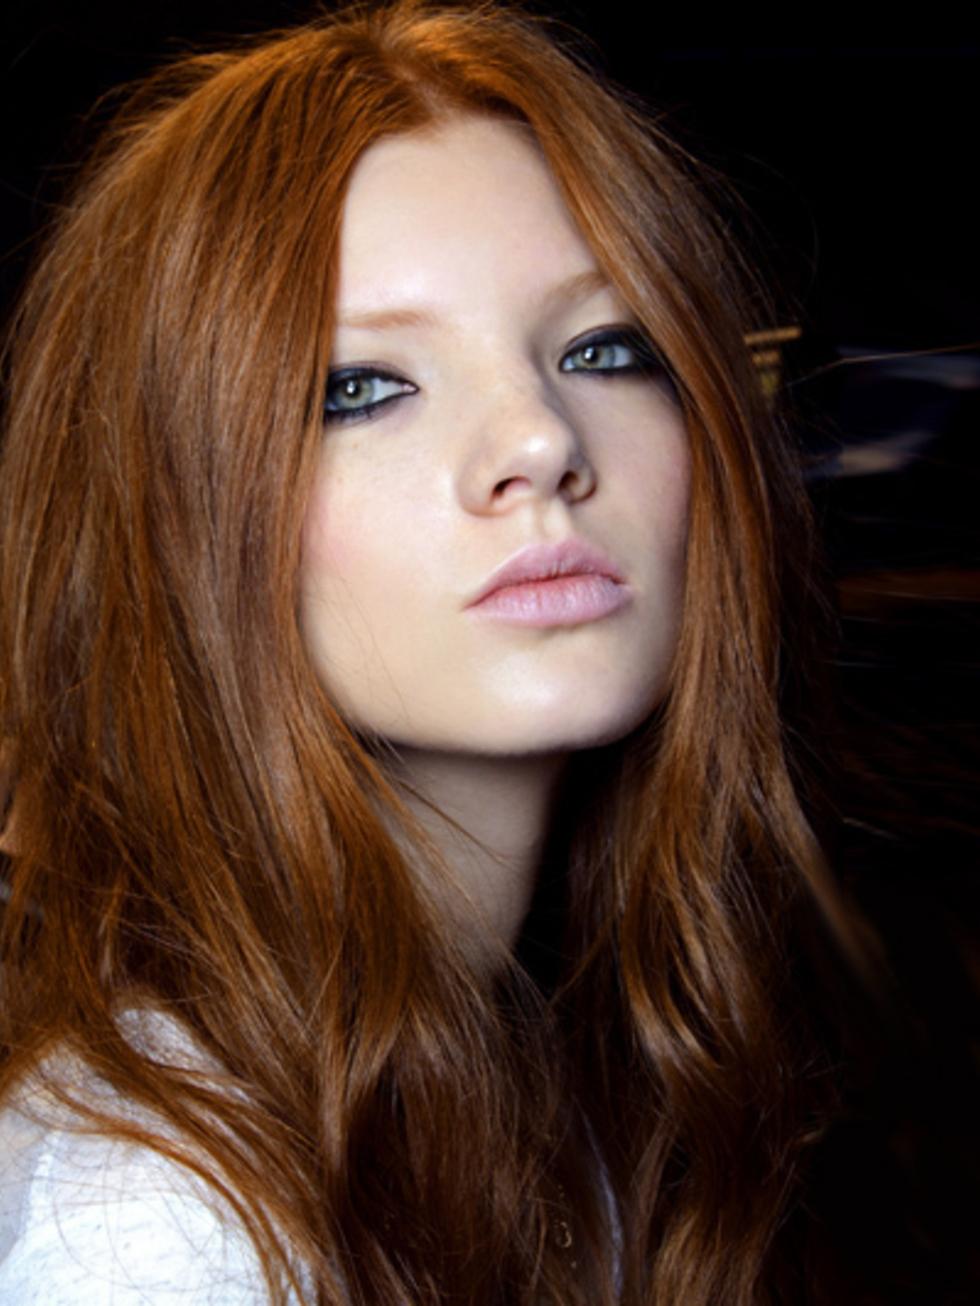 Dé haarkleur van het jaar: 15 tinten koper